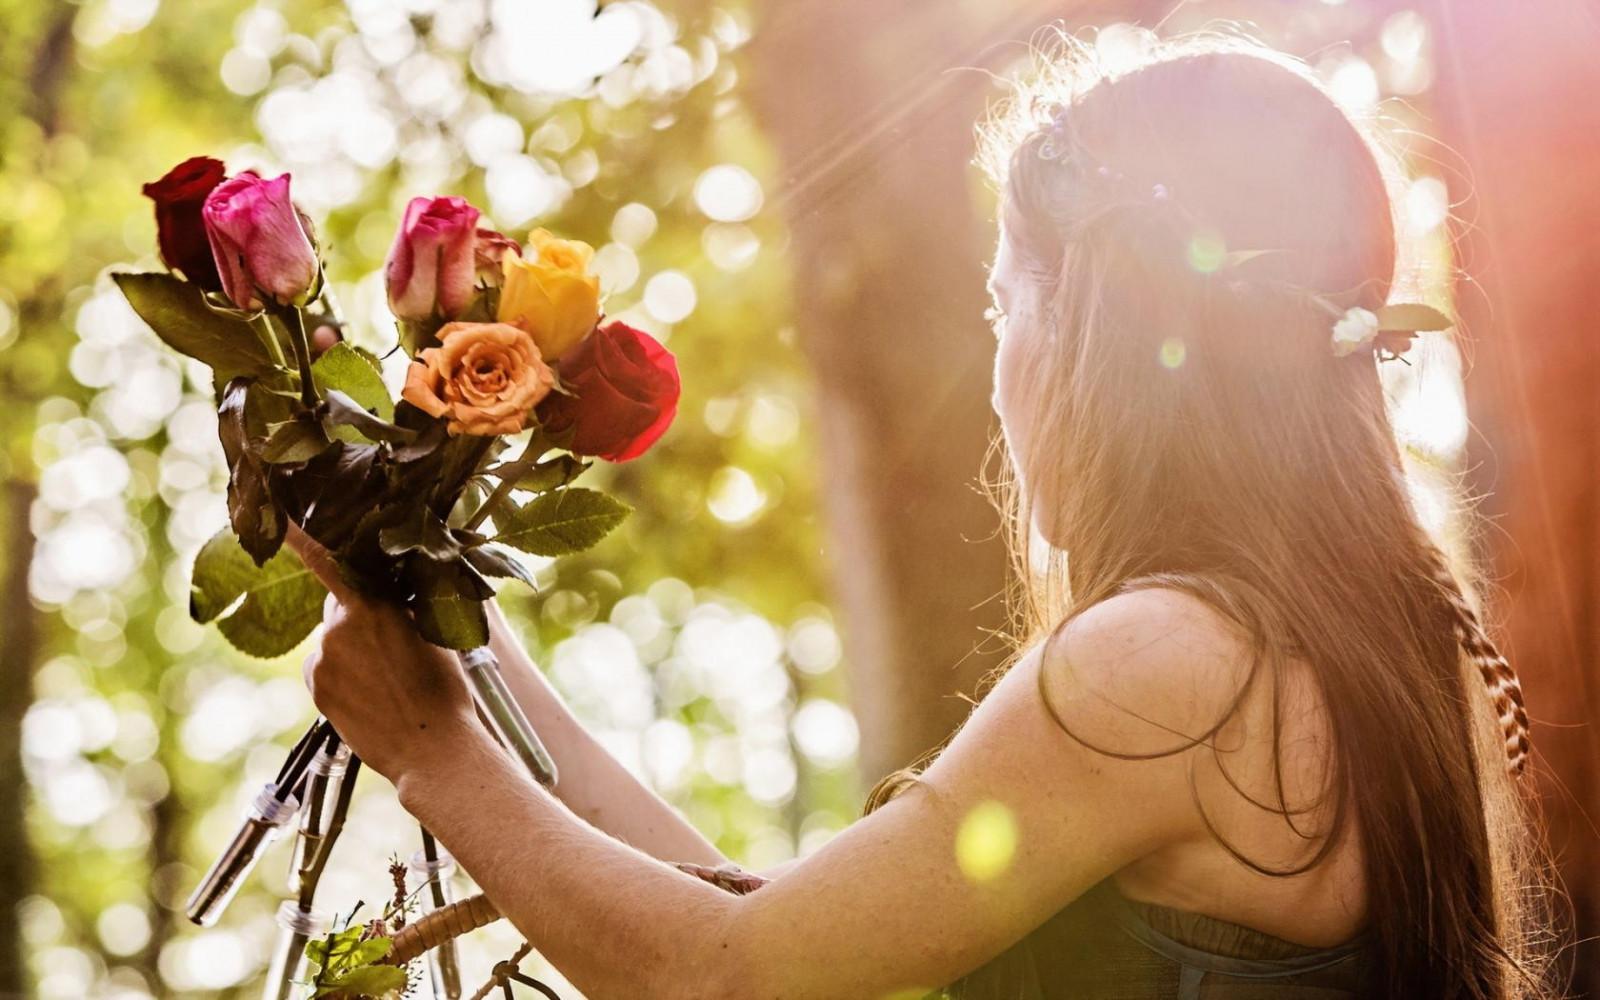 Мальчику годиком, картинки девочка с цветами в руках со спины фото